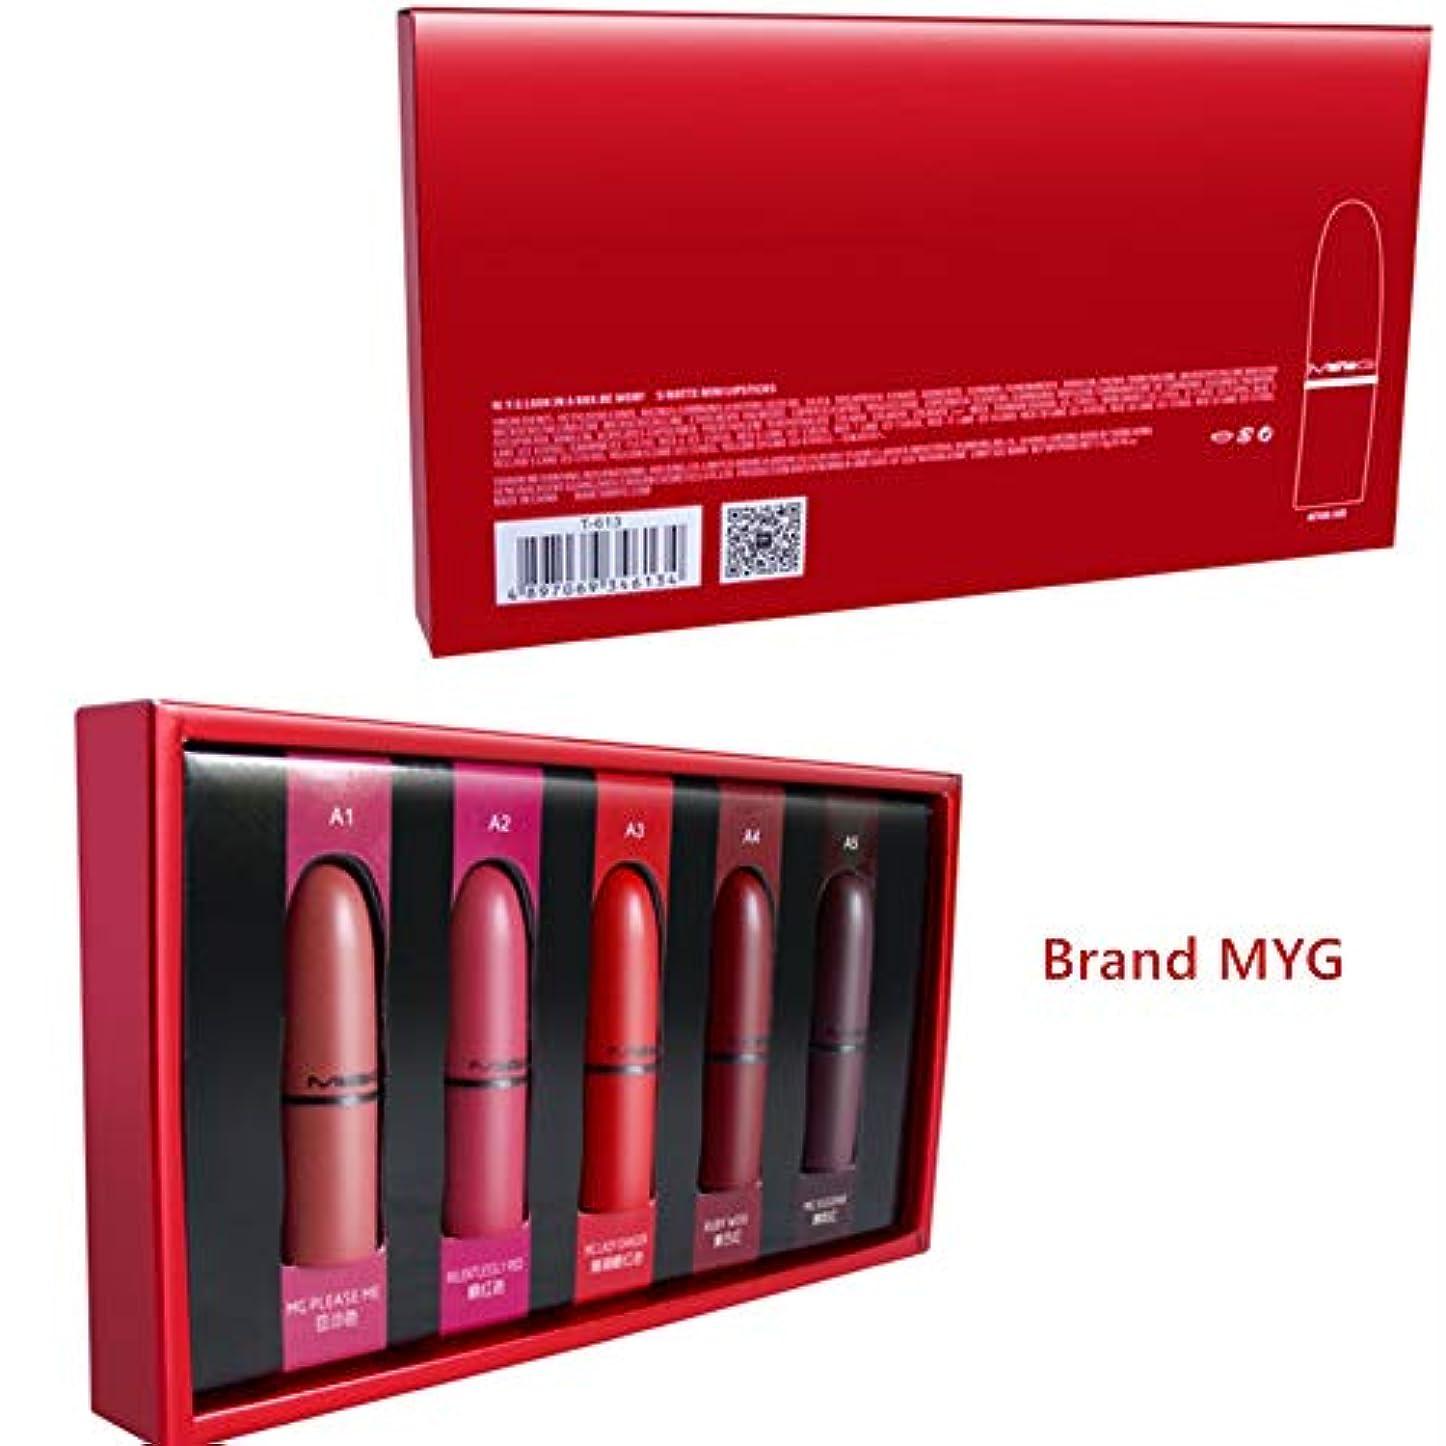 女性必要としている忠誠Brand MYG リップスティック (マットな口紅)(1.8g*5) (5 pieces per set)